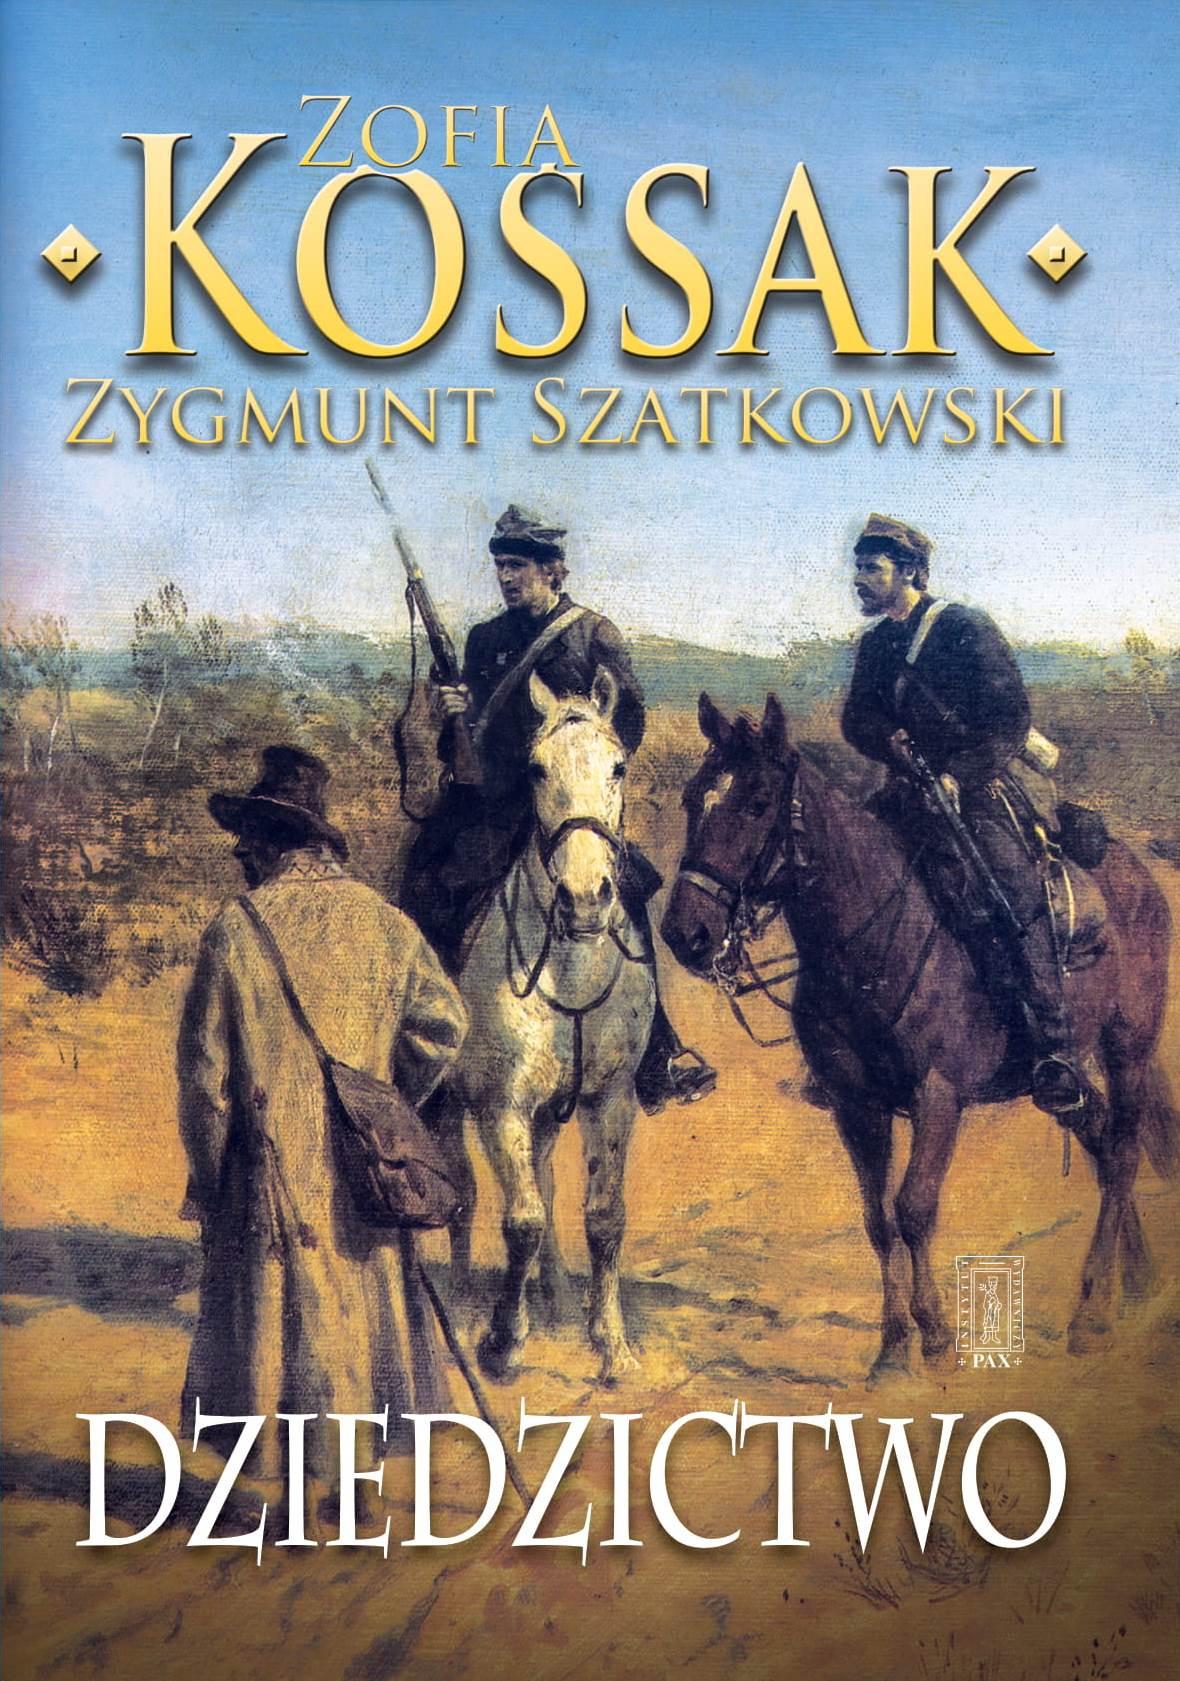 Zofia Kossak, Dziedzictwo część III